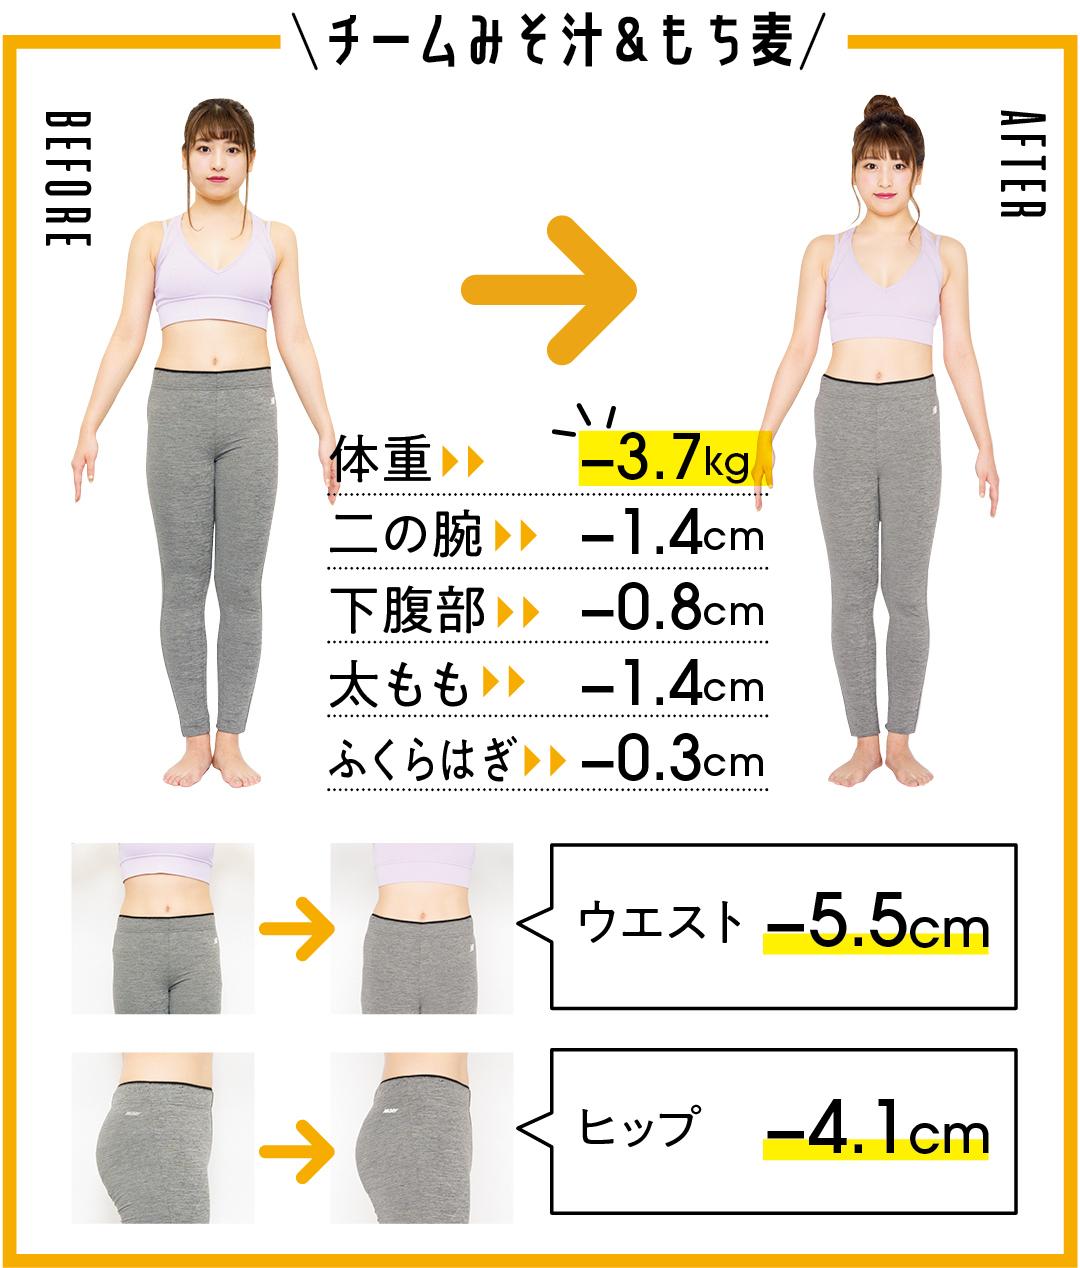 チームみそ汁&もち麦 体重-3.7kg 二の腕-1.4cm 下腹部-0.8cm 太もも-1.4cm ふくらはぎ-0.3cm ウエスト-5.5cm ヒップ-4.1cm